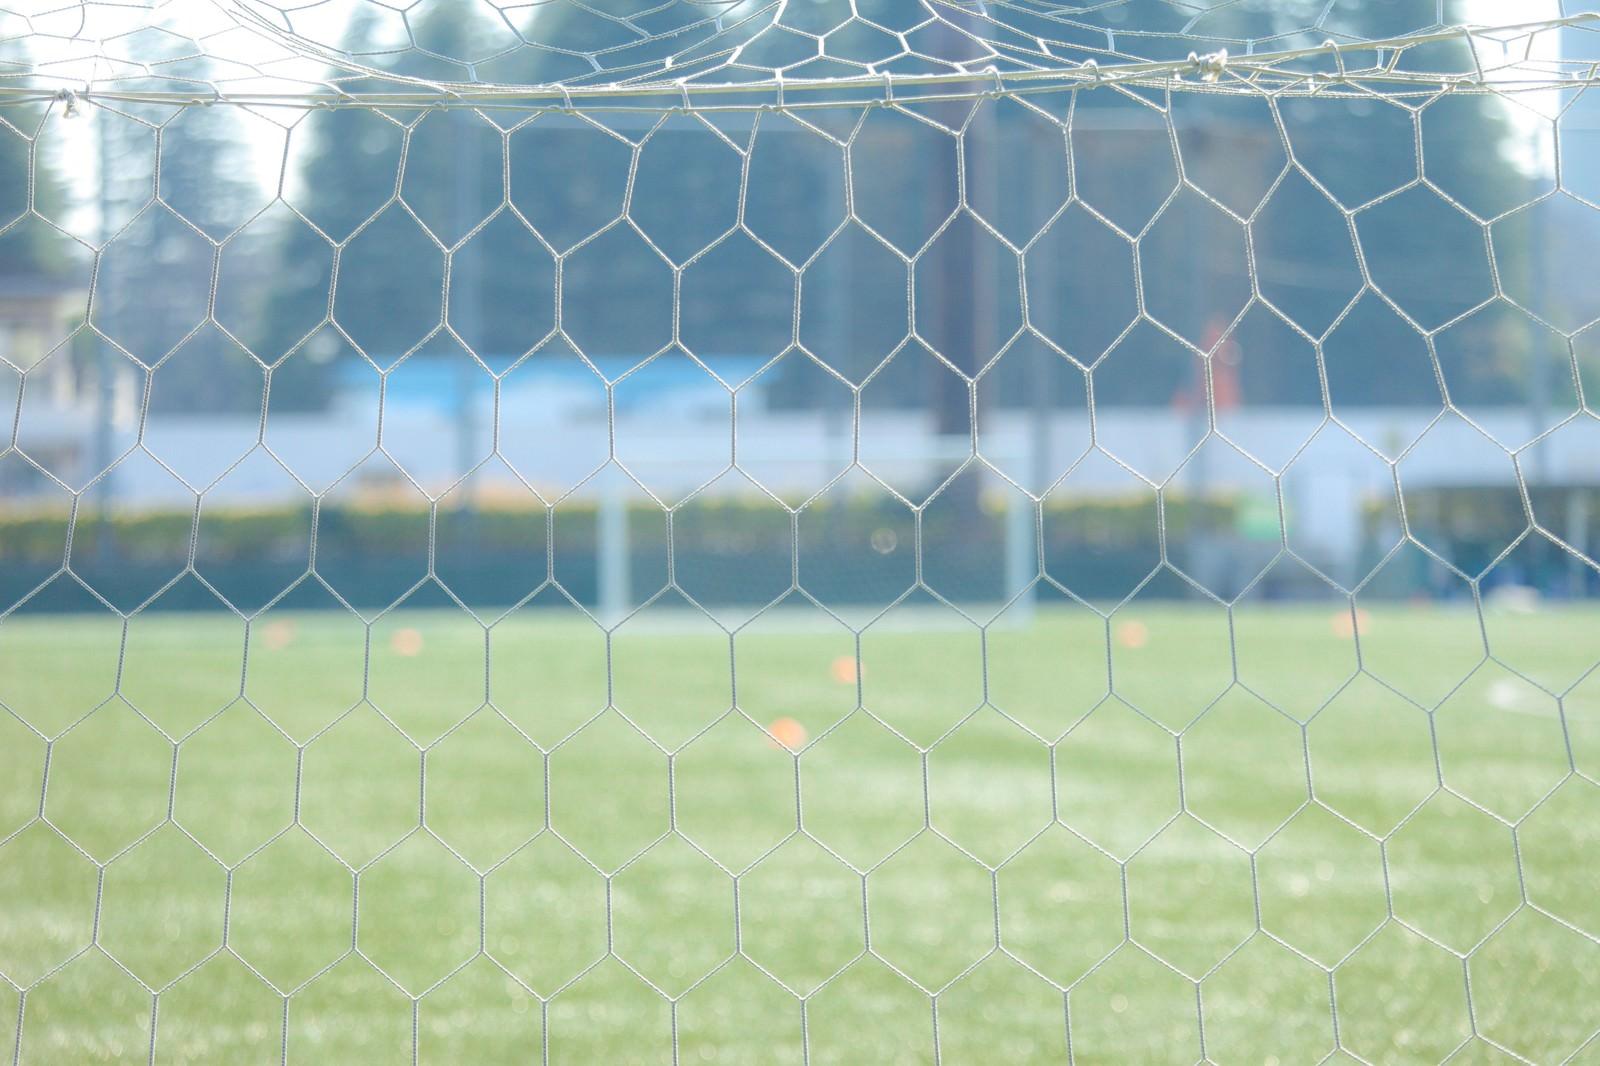 「サッカー試合前に静まり返るピッチサイド・ゴールネット」の写真